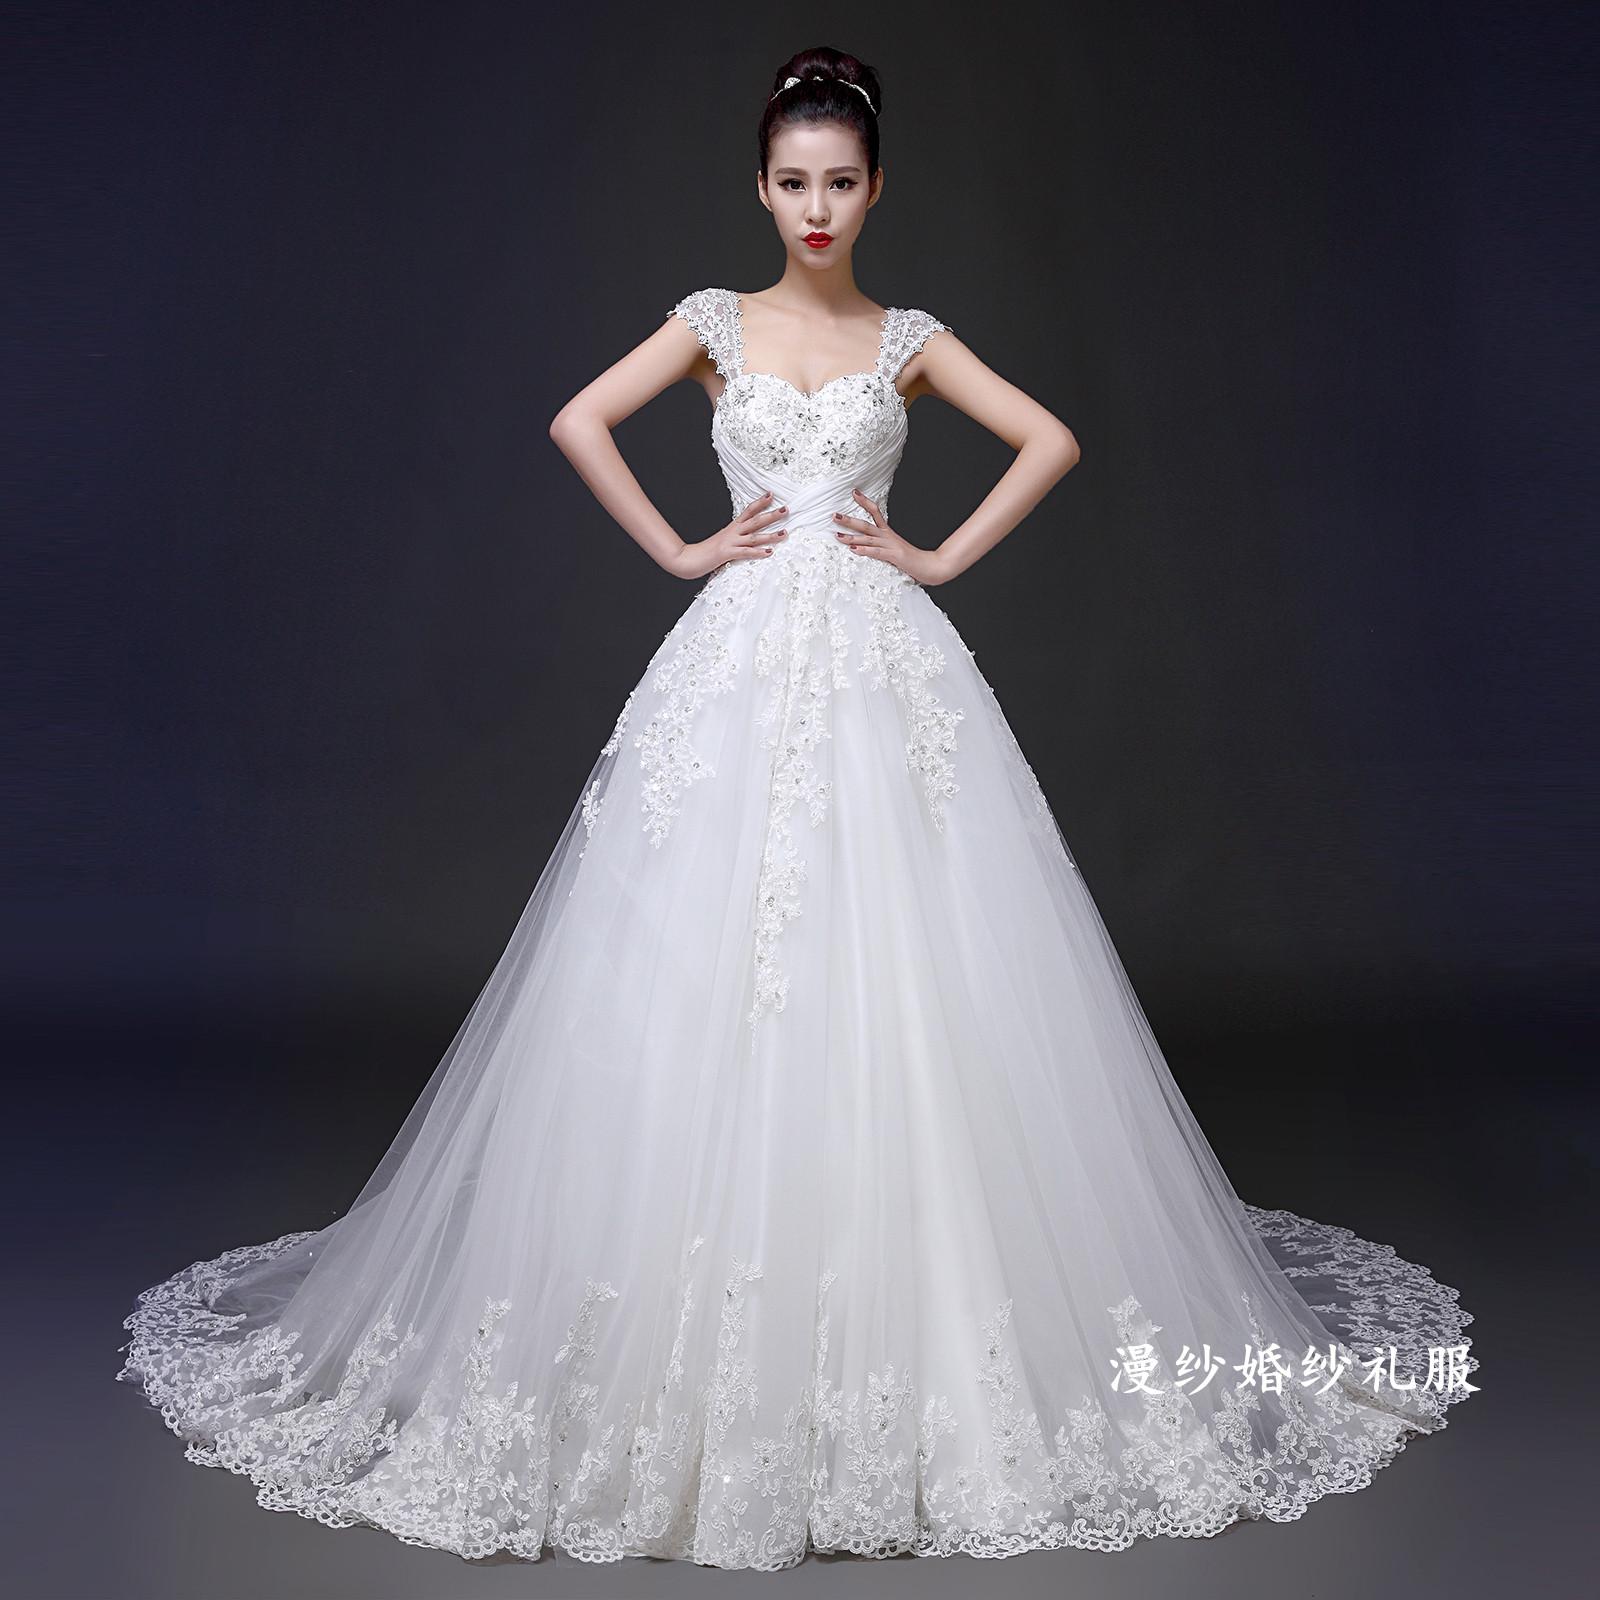 婚纱礼服新款2014冬季新娘高端定制一字肩带抹胸长拖尾显瘦红婚纱